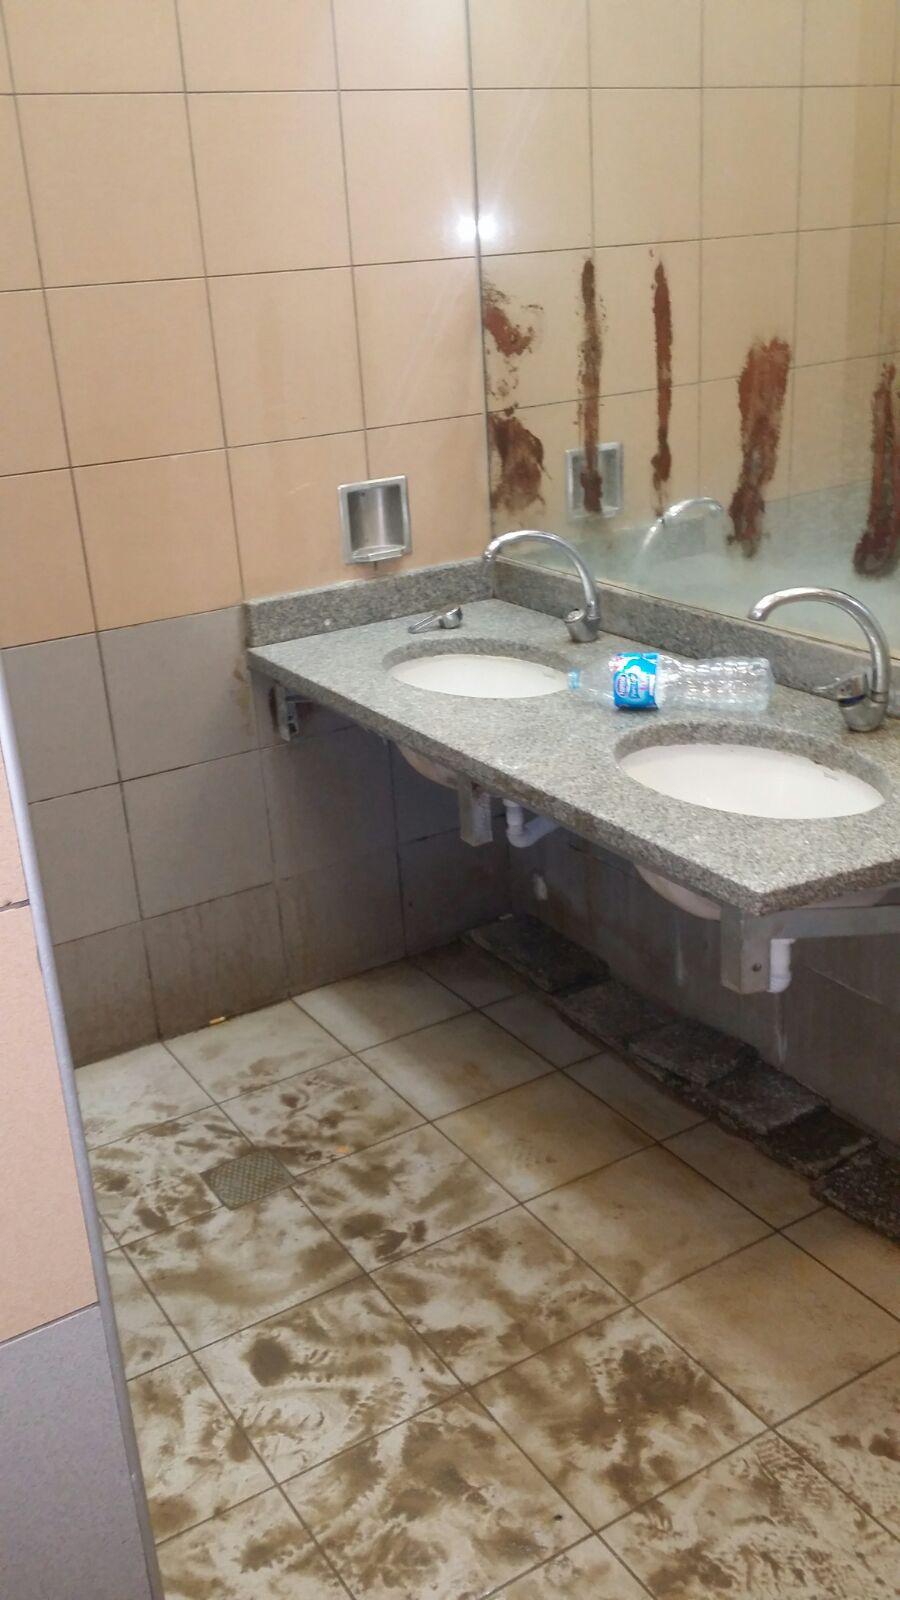 بالصور والفيديو.. راكب يرصد إهمال دورات مياه في مطار برج العرب